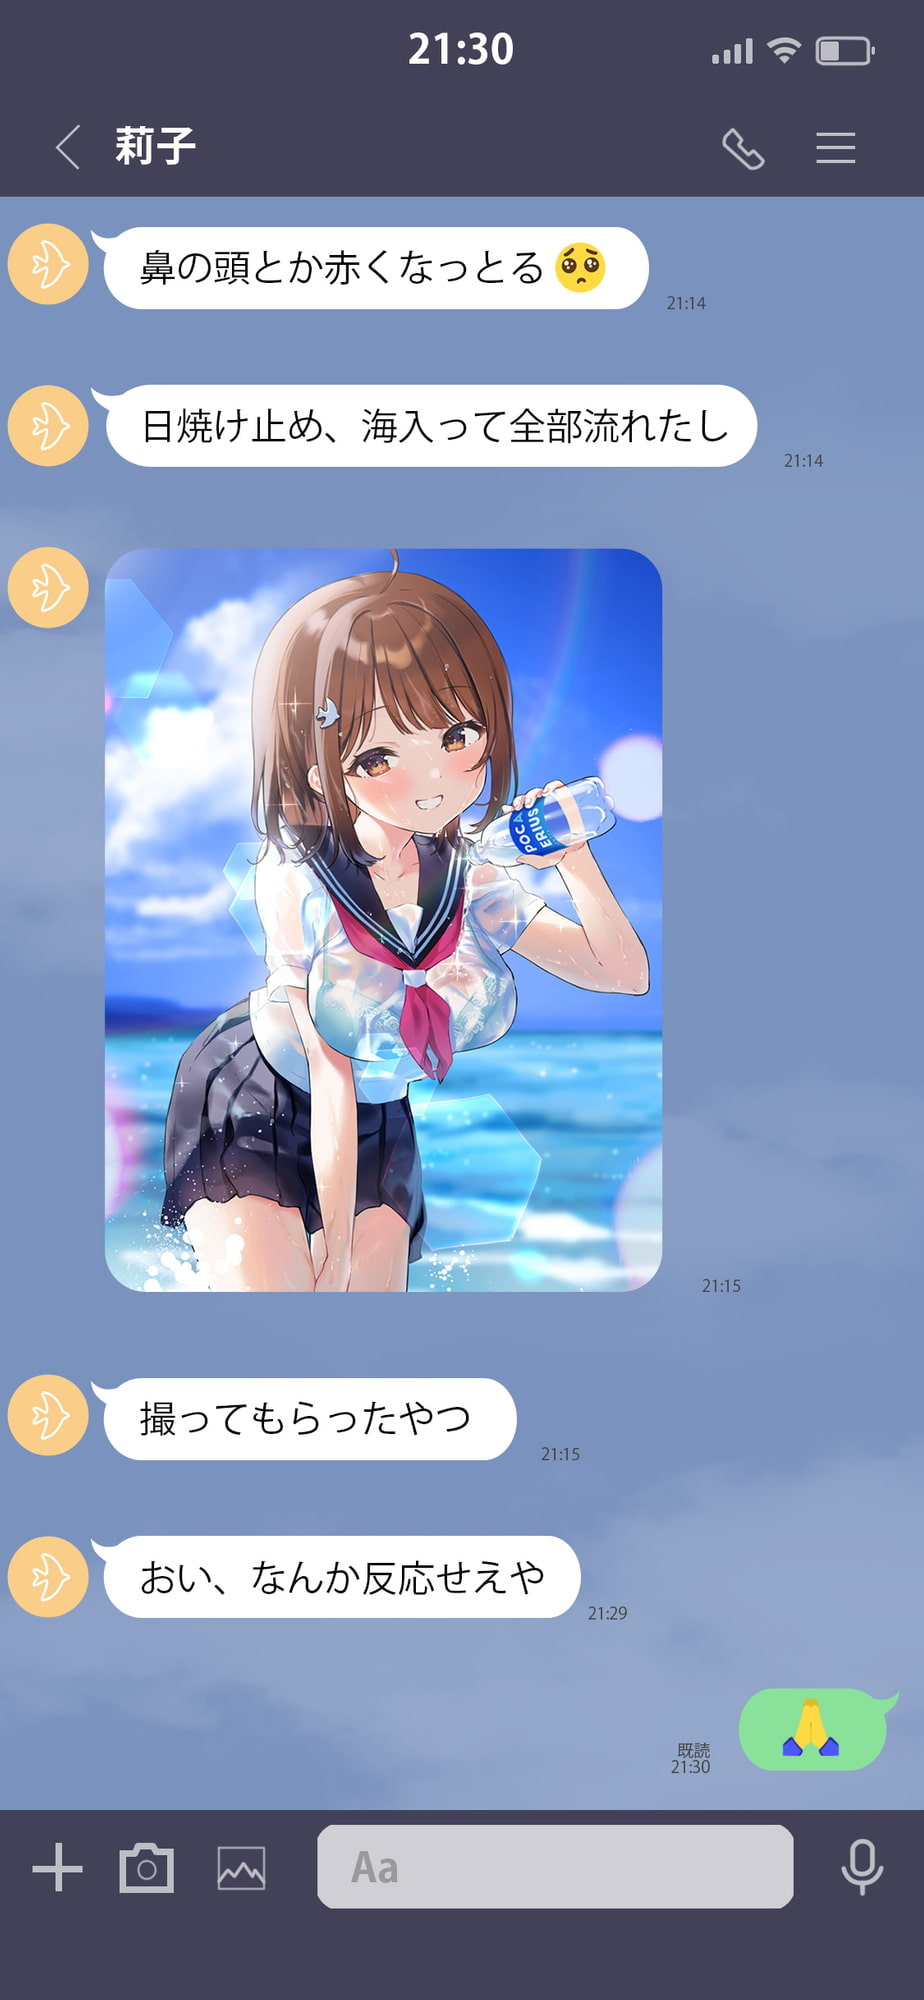 青夏おま○こフレンズ【フォーリーサウンド】6